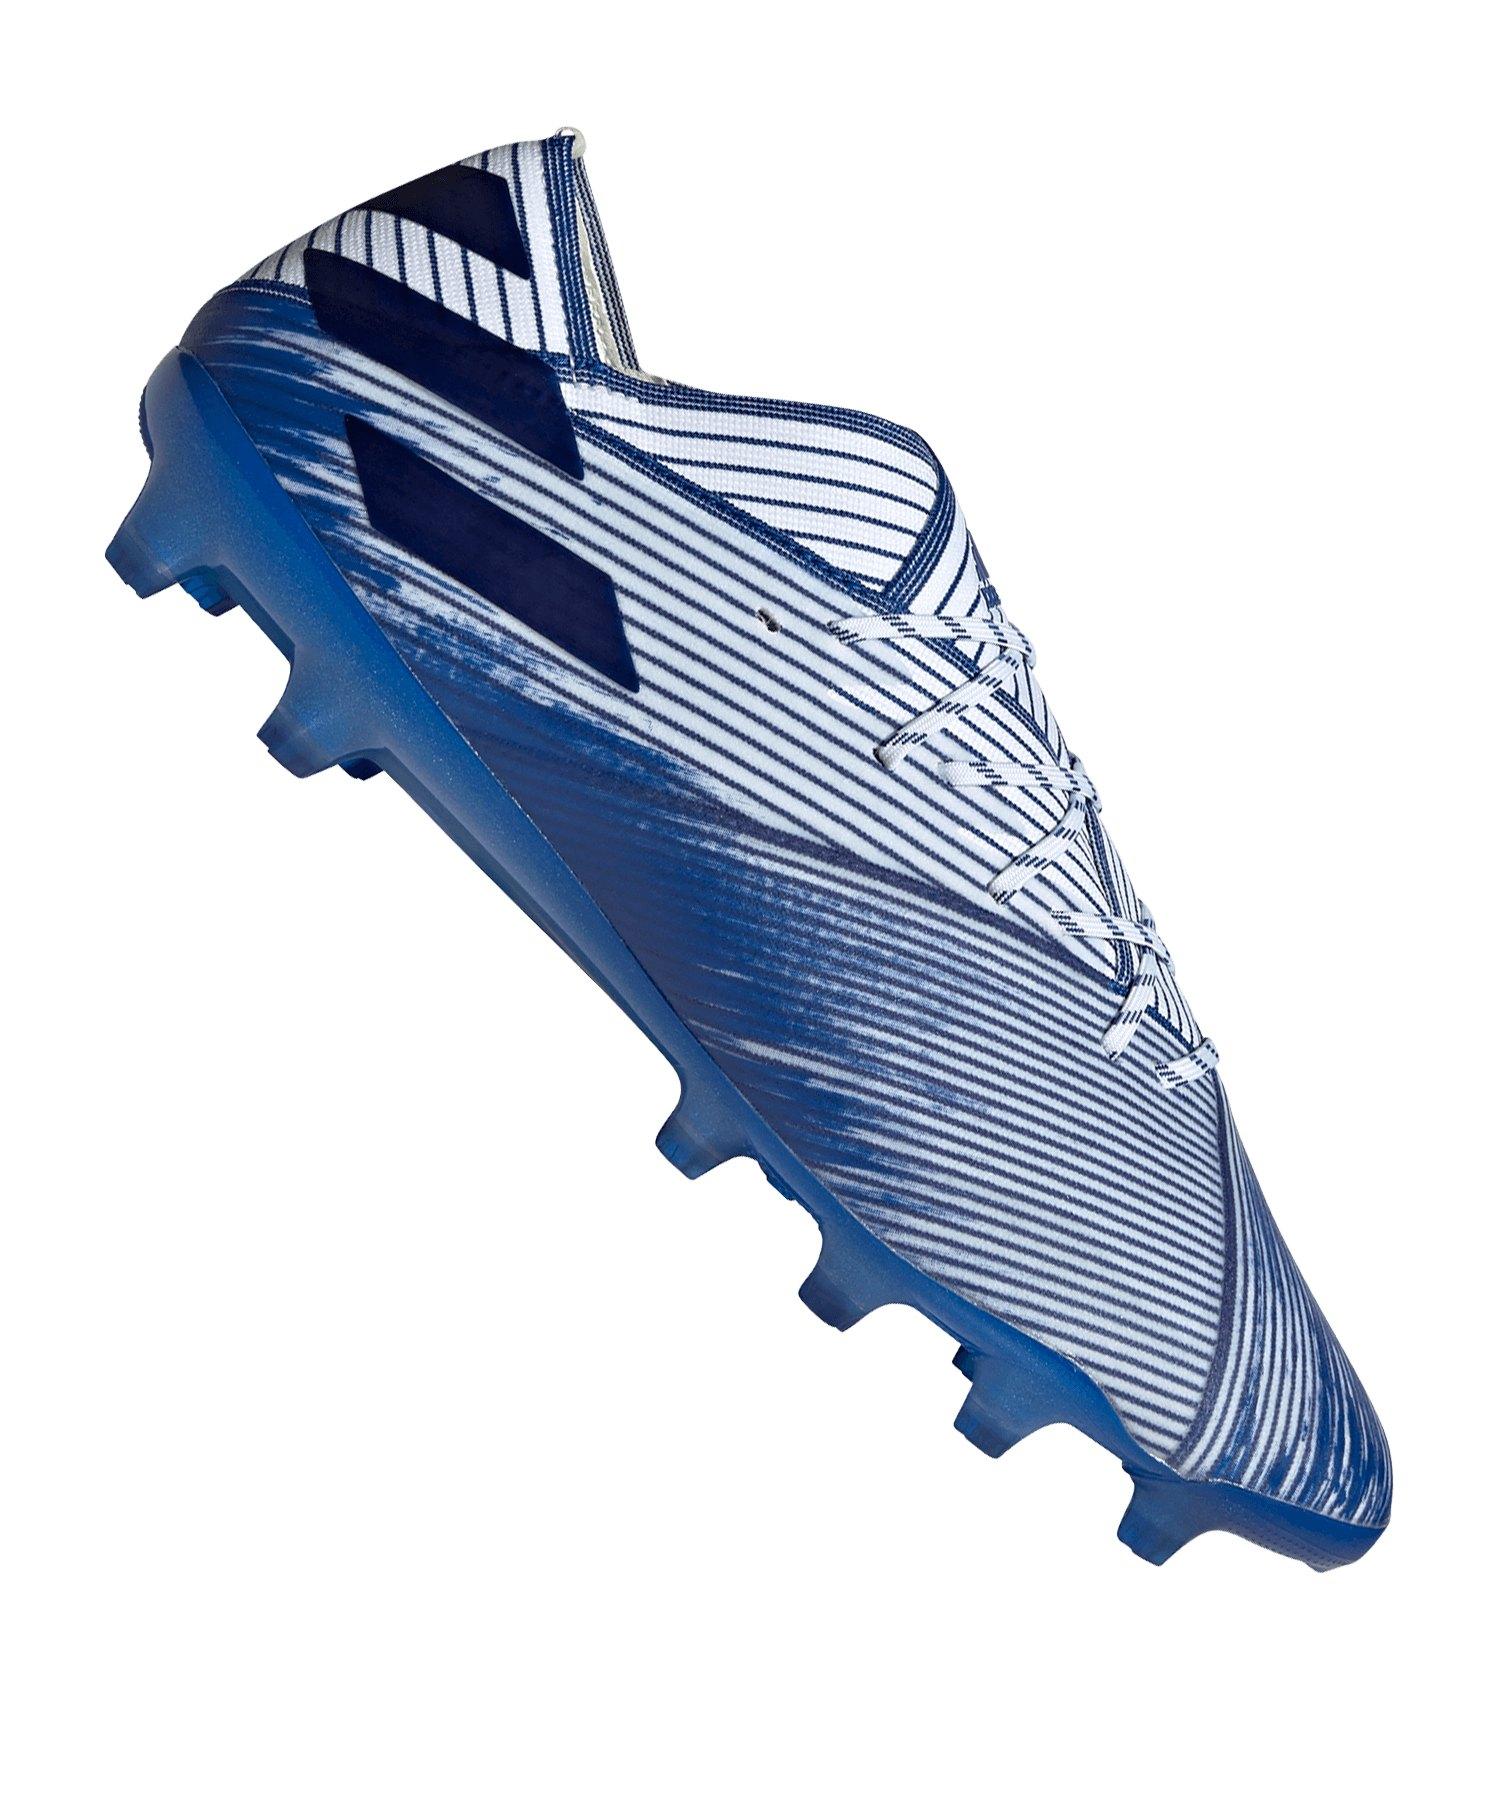 adidas NEMEZIZ 19.1 AG Weiss Blau - weiss